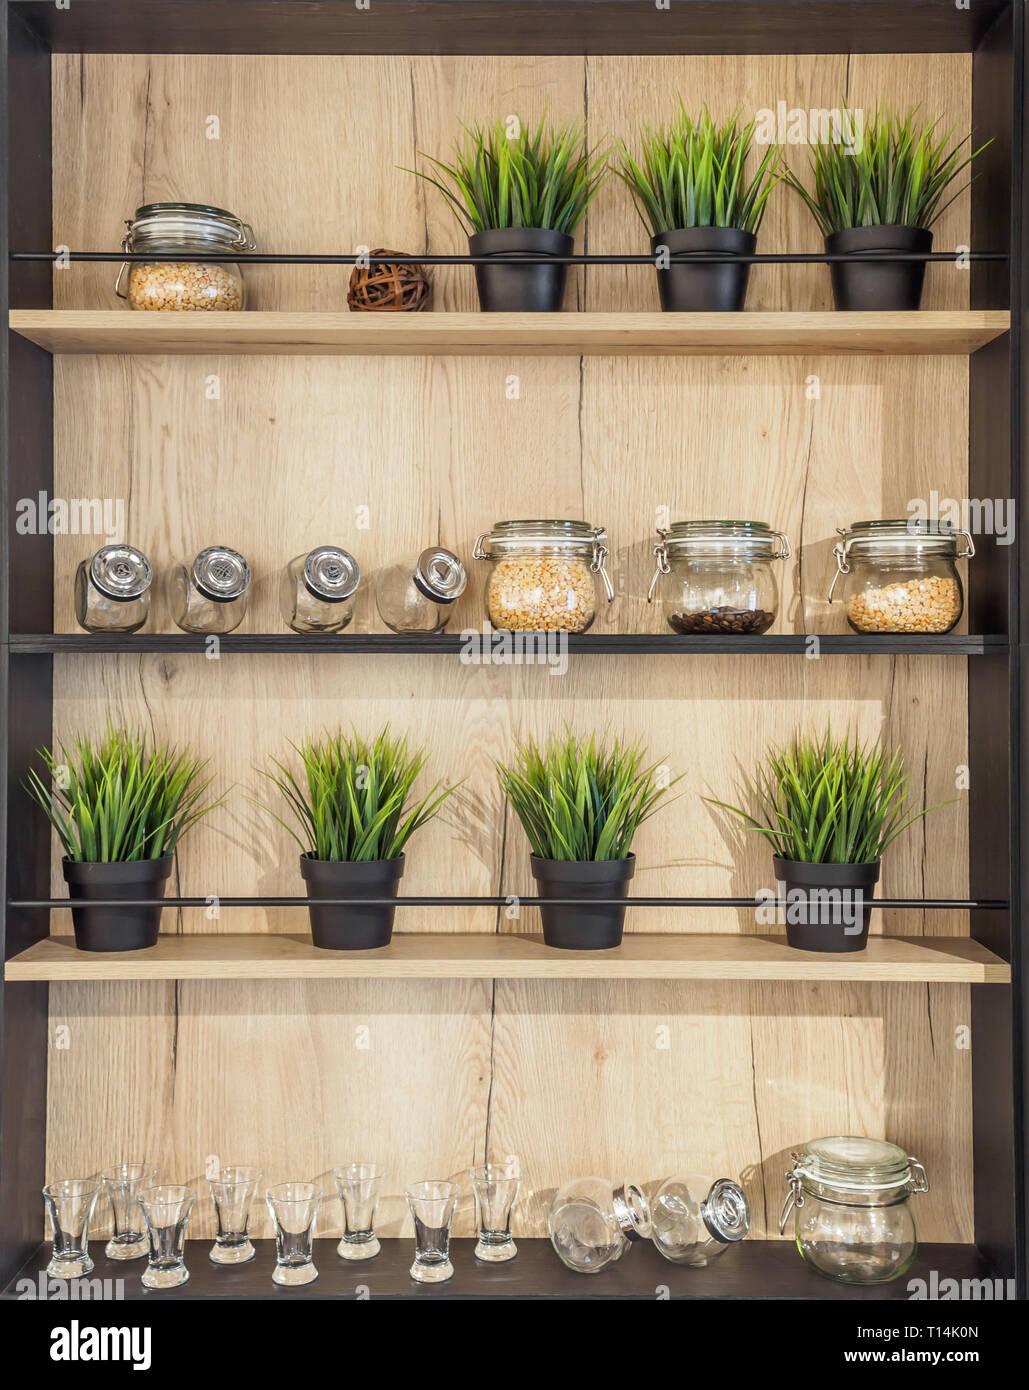 Holz- helf mit Geschirr. Gläser mit Gewürzen Topfpflanze ...